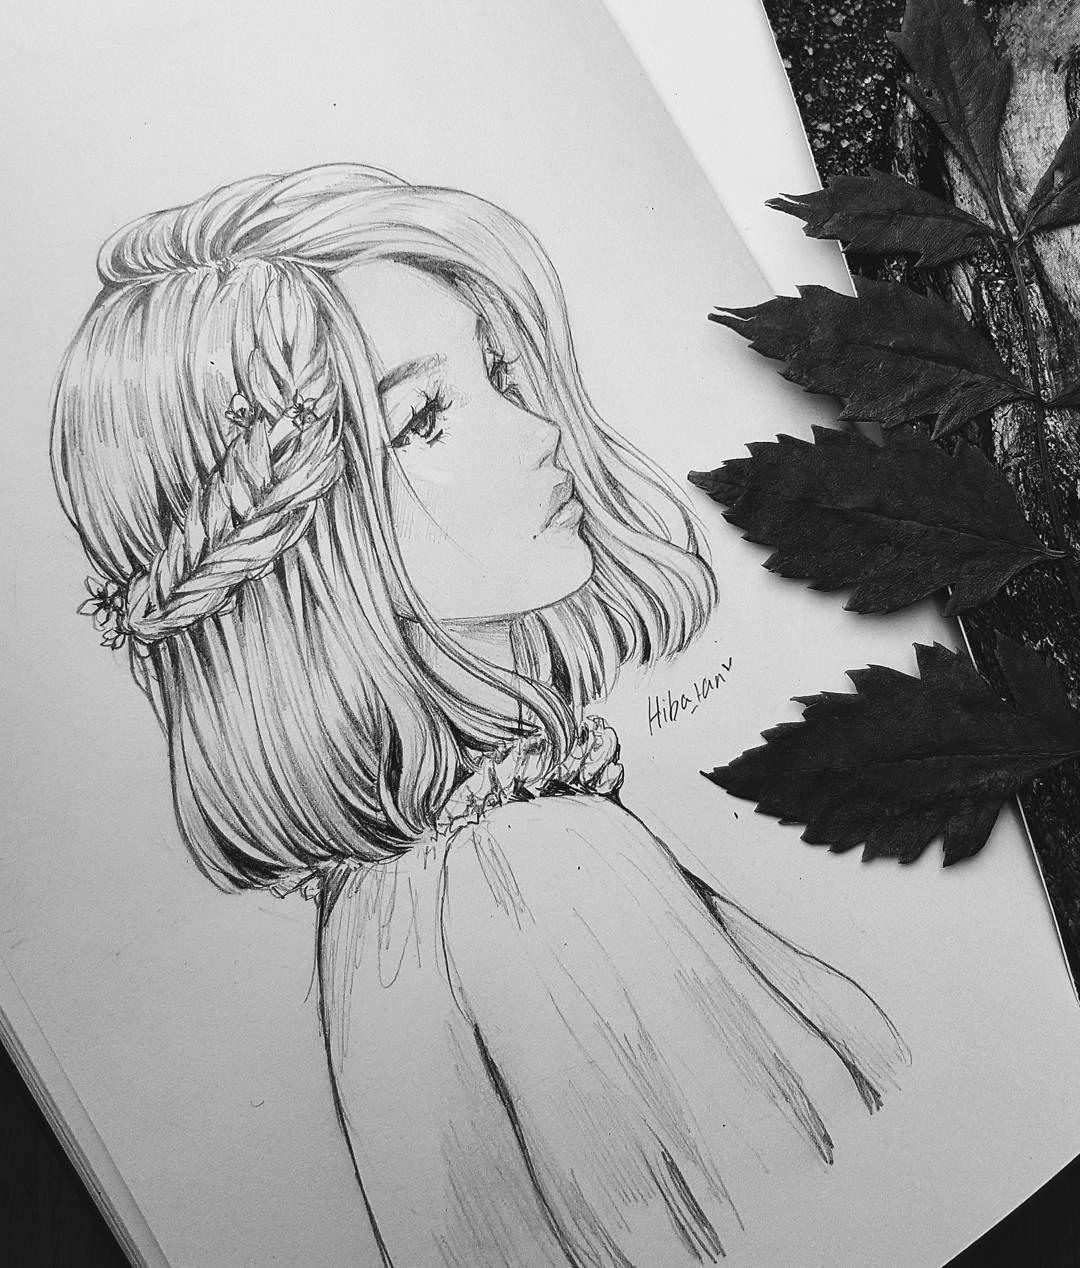 Karakalem Bayan Cizimleri Karakalem Ornek Calismalar Guzel Sozler Art Drawings Sketches Cool Art Drawings Girl Drawing Sketches